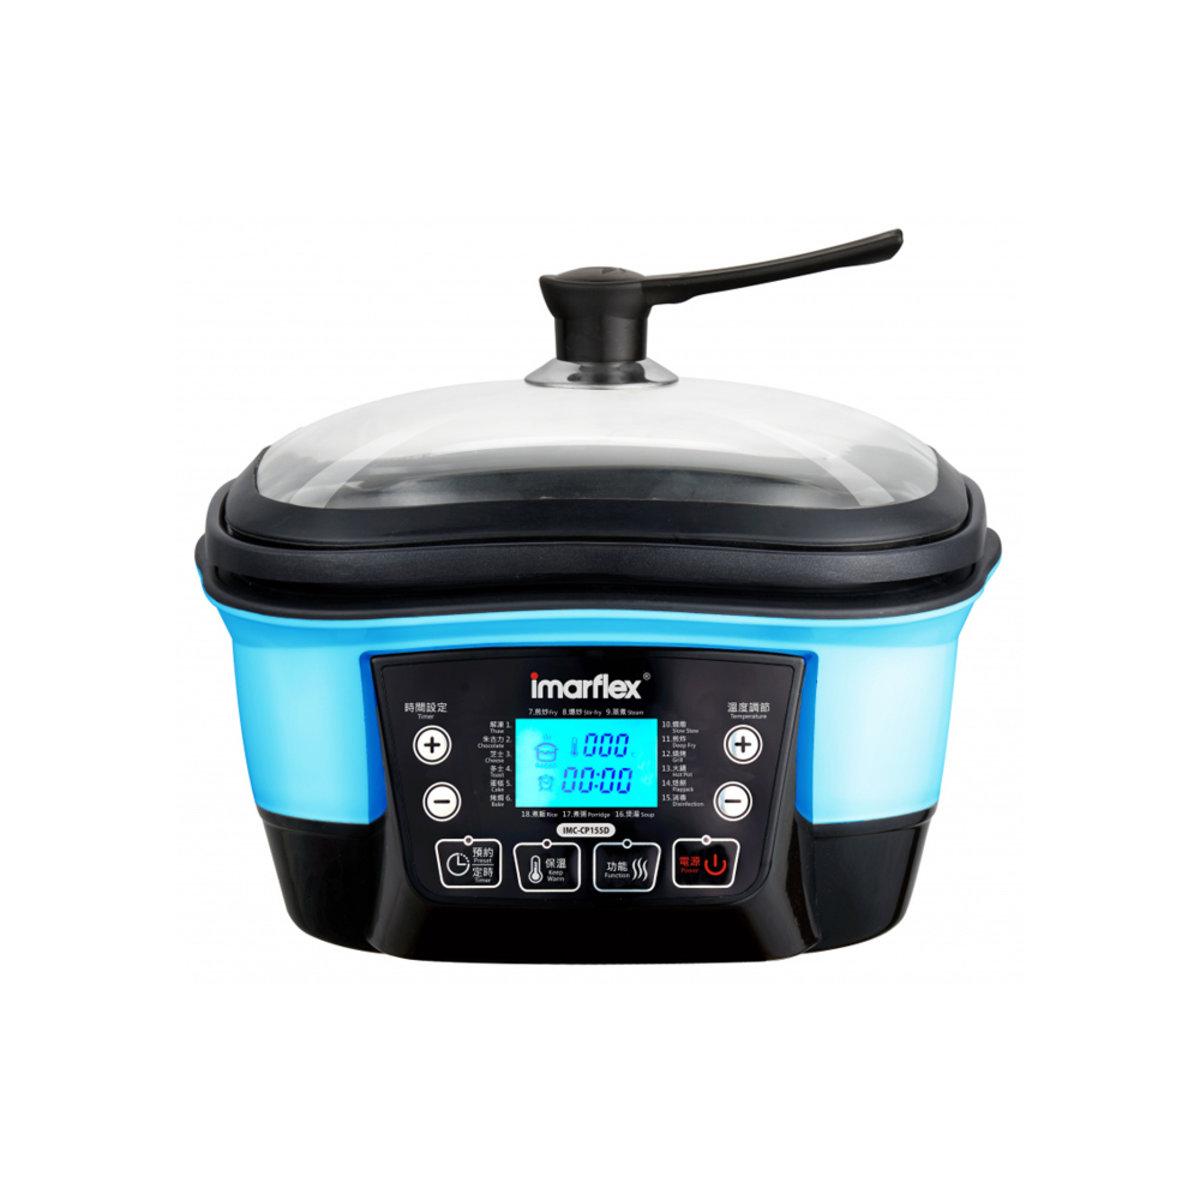 變頻百寶煮食養生鍋 - IMC-CP155D